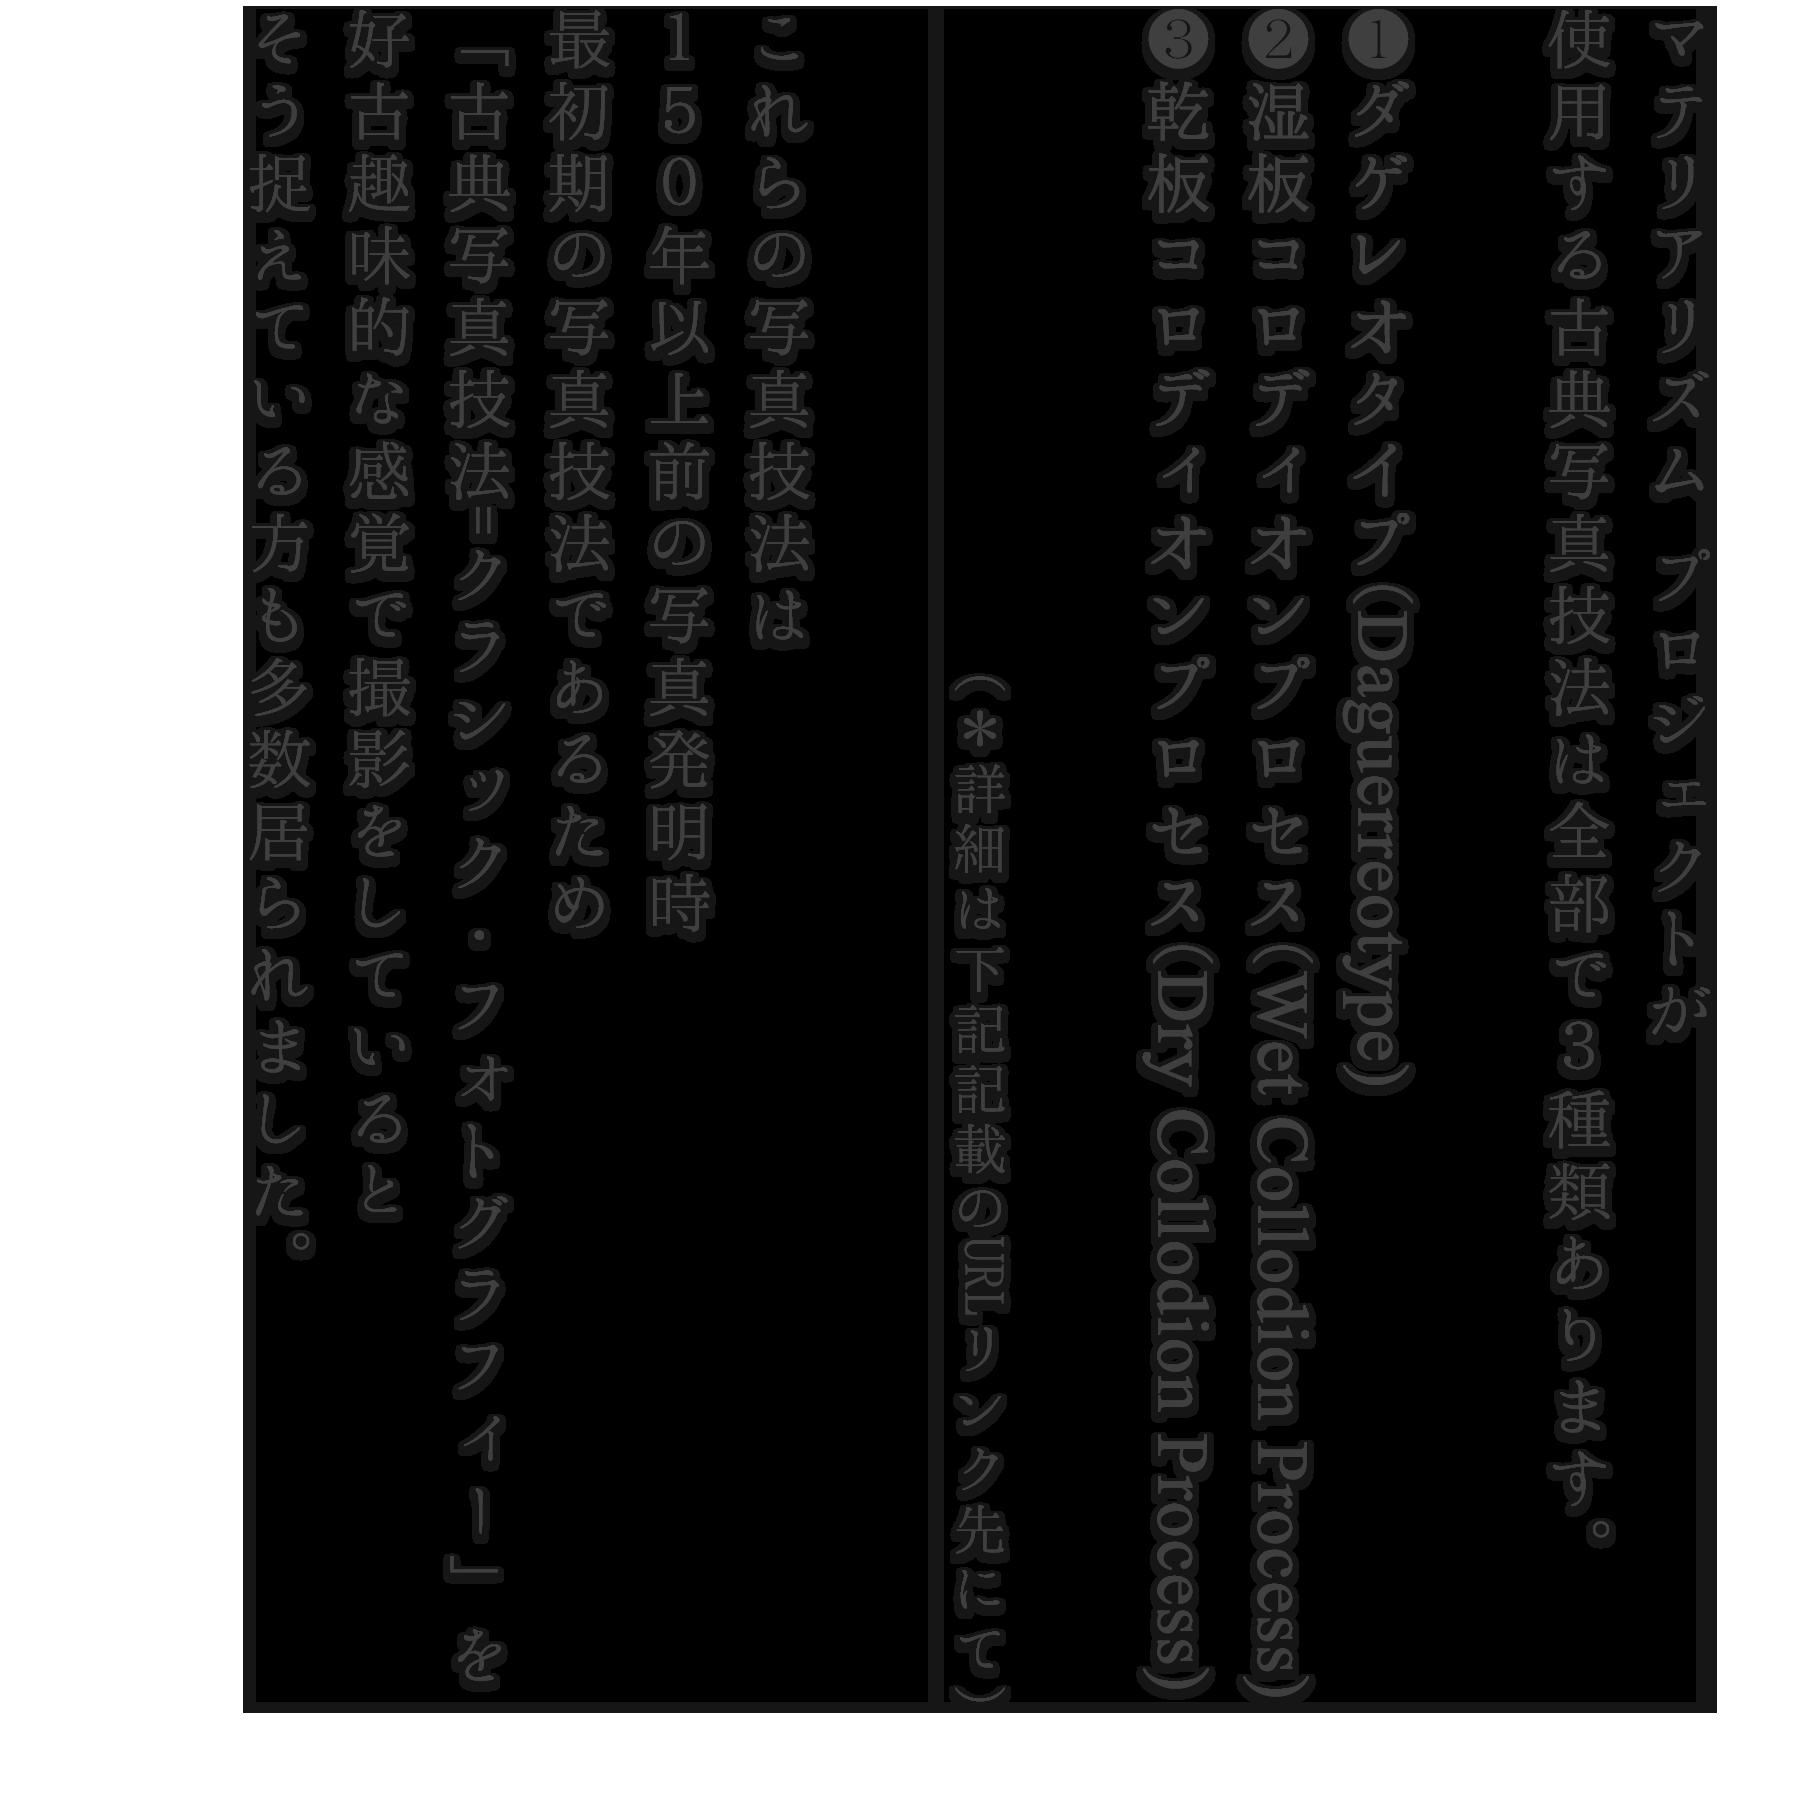 マテリアリズム プロジェクトが 使用する古典写真技法は全部で3種類あります。  ❶ダゲレオタイプ(Daguerreotype) ❷湿板コロディオンプロセス(Wet Collodion Process) ❸乾板コロディオンプロセス(Dry Collodion Process)                     (*詳細は下記記載のURLリンク先にて)  これらの写真技法は 150年以上前の写真発明時 最初期の写真技法であるため 「古典写真技法=クラシック・フォトグラフィー」を 好古趣味的な感覚で撮影をしていると そう捉えている方も多数居られました。